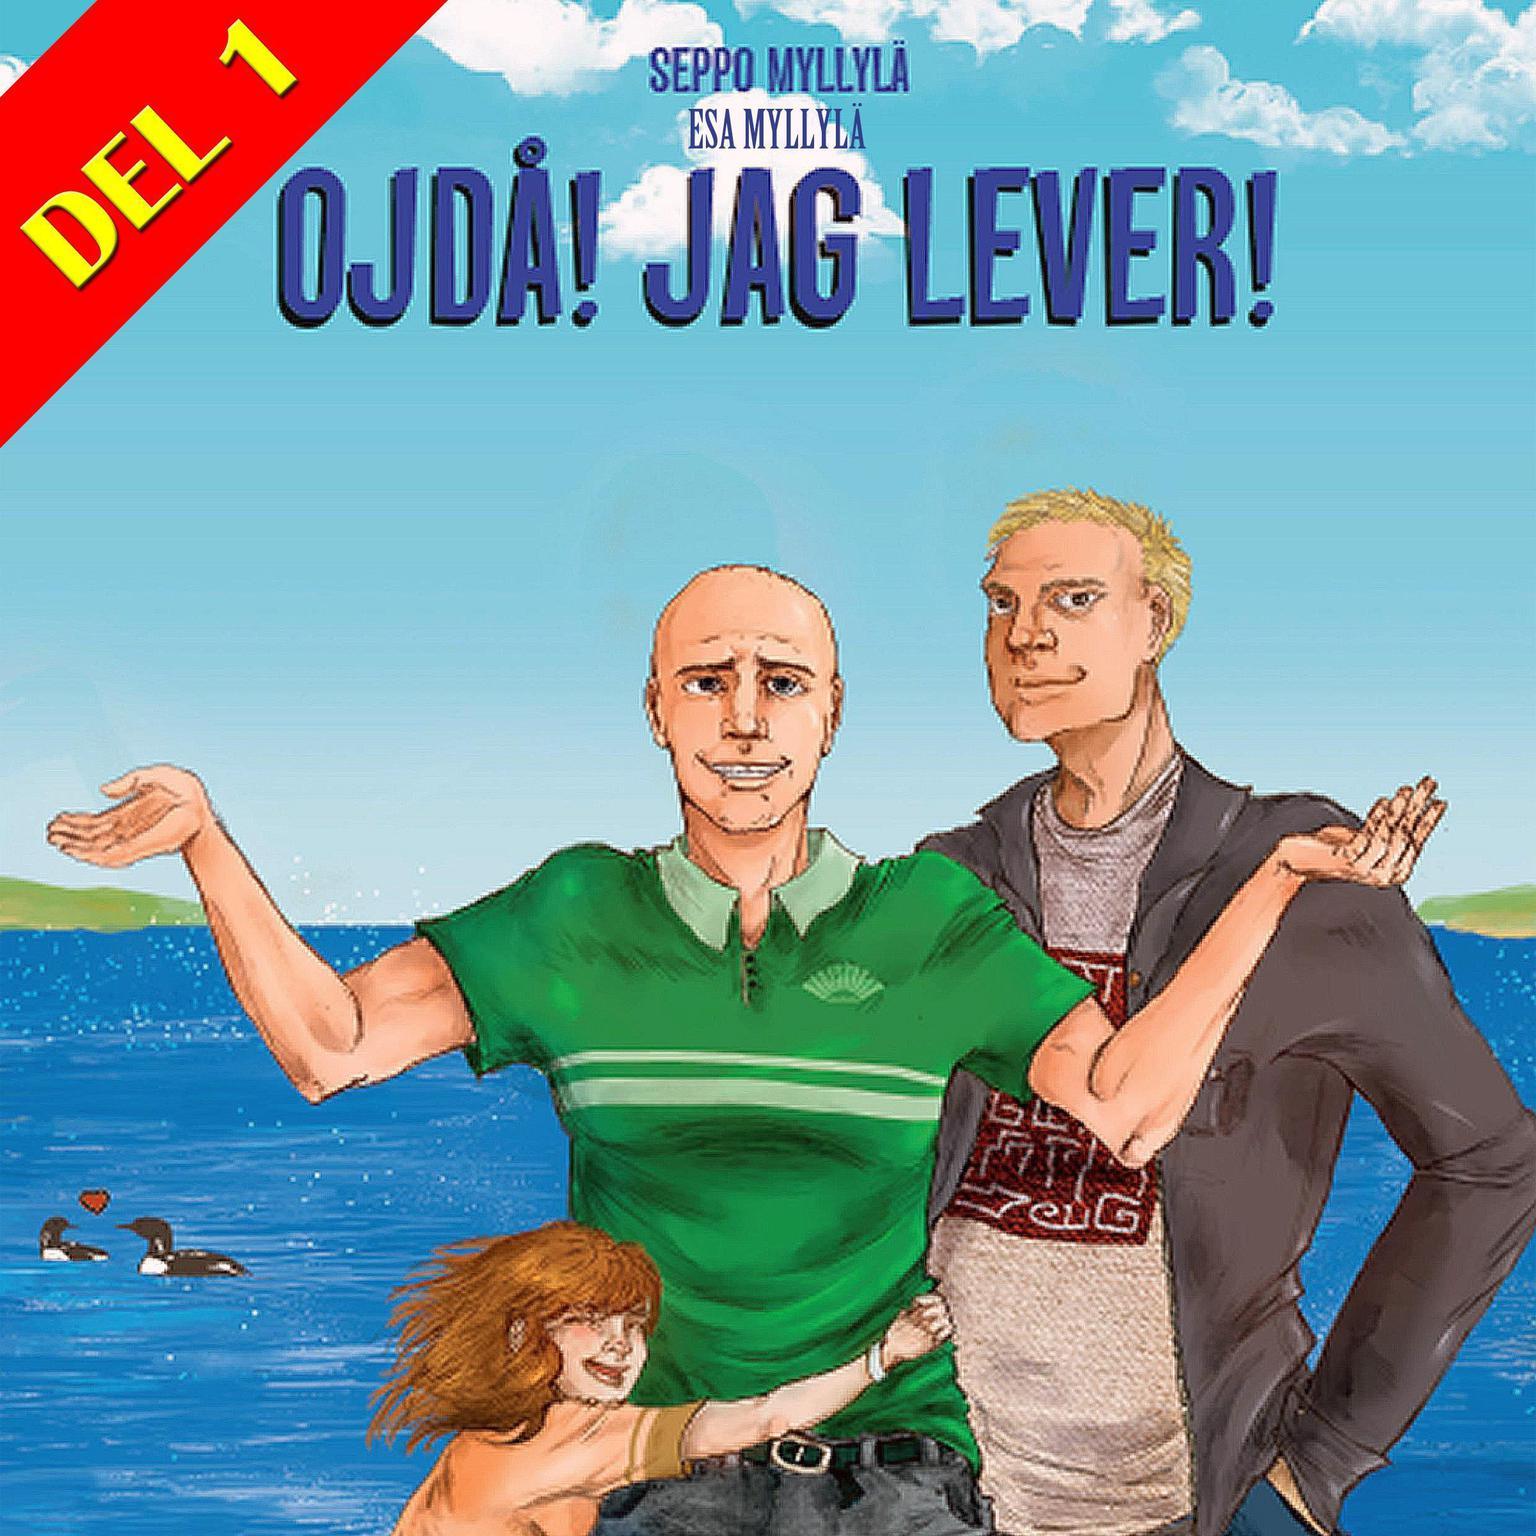 Ojdå! Jag lever! (Del 1) Audiobook, by Seppo Myllylä